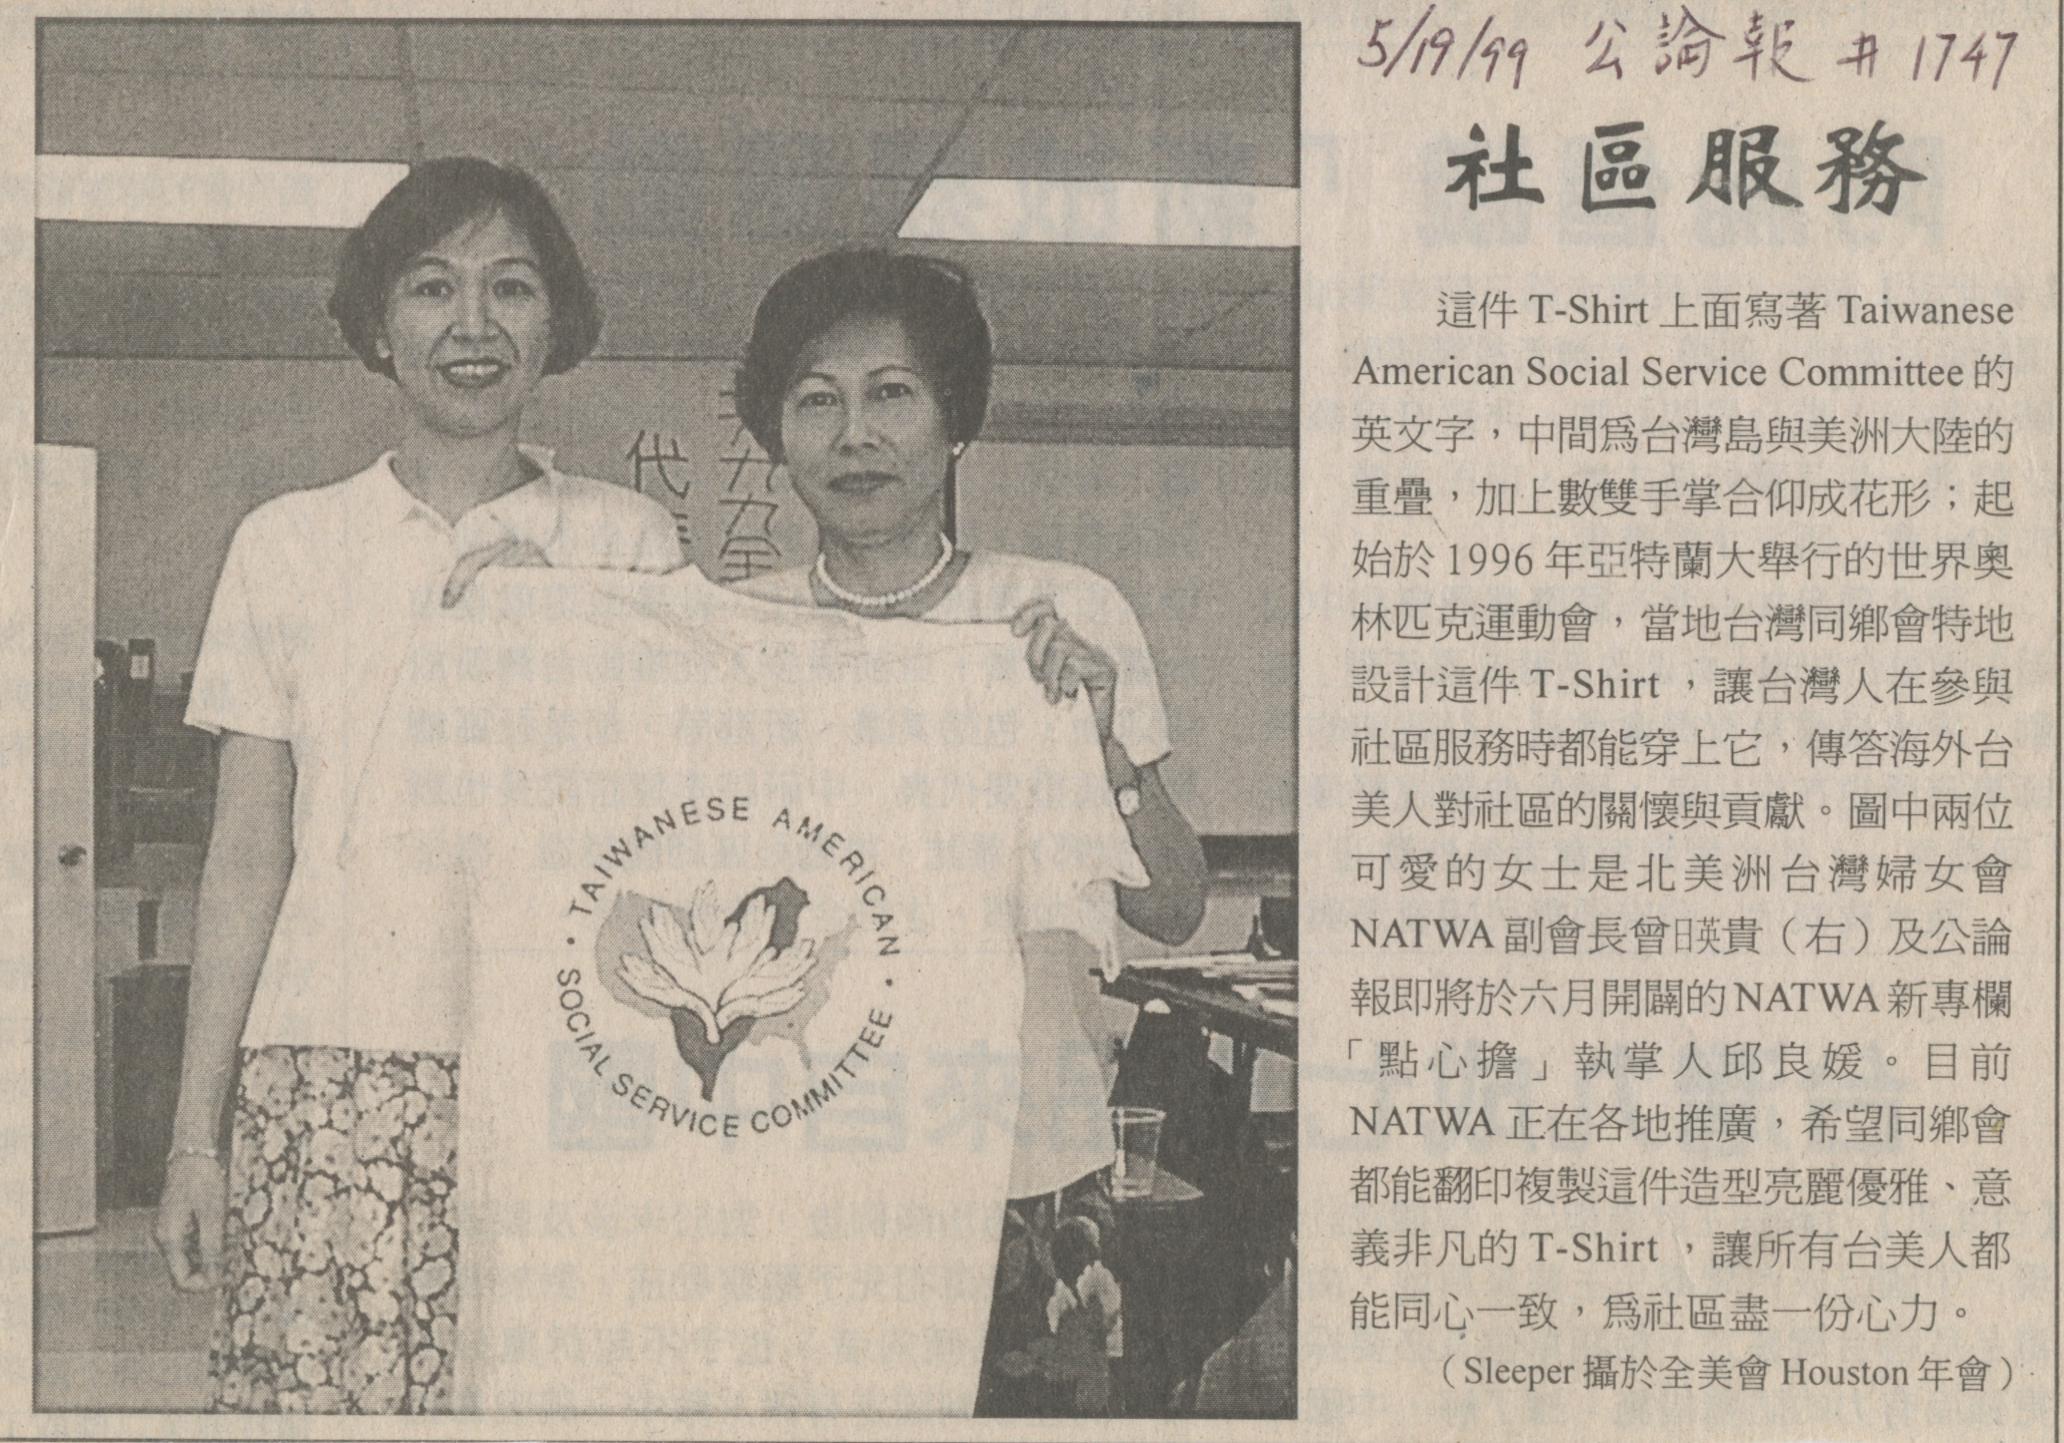 14. 社區服務 T-Shirt by NATWA